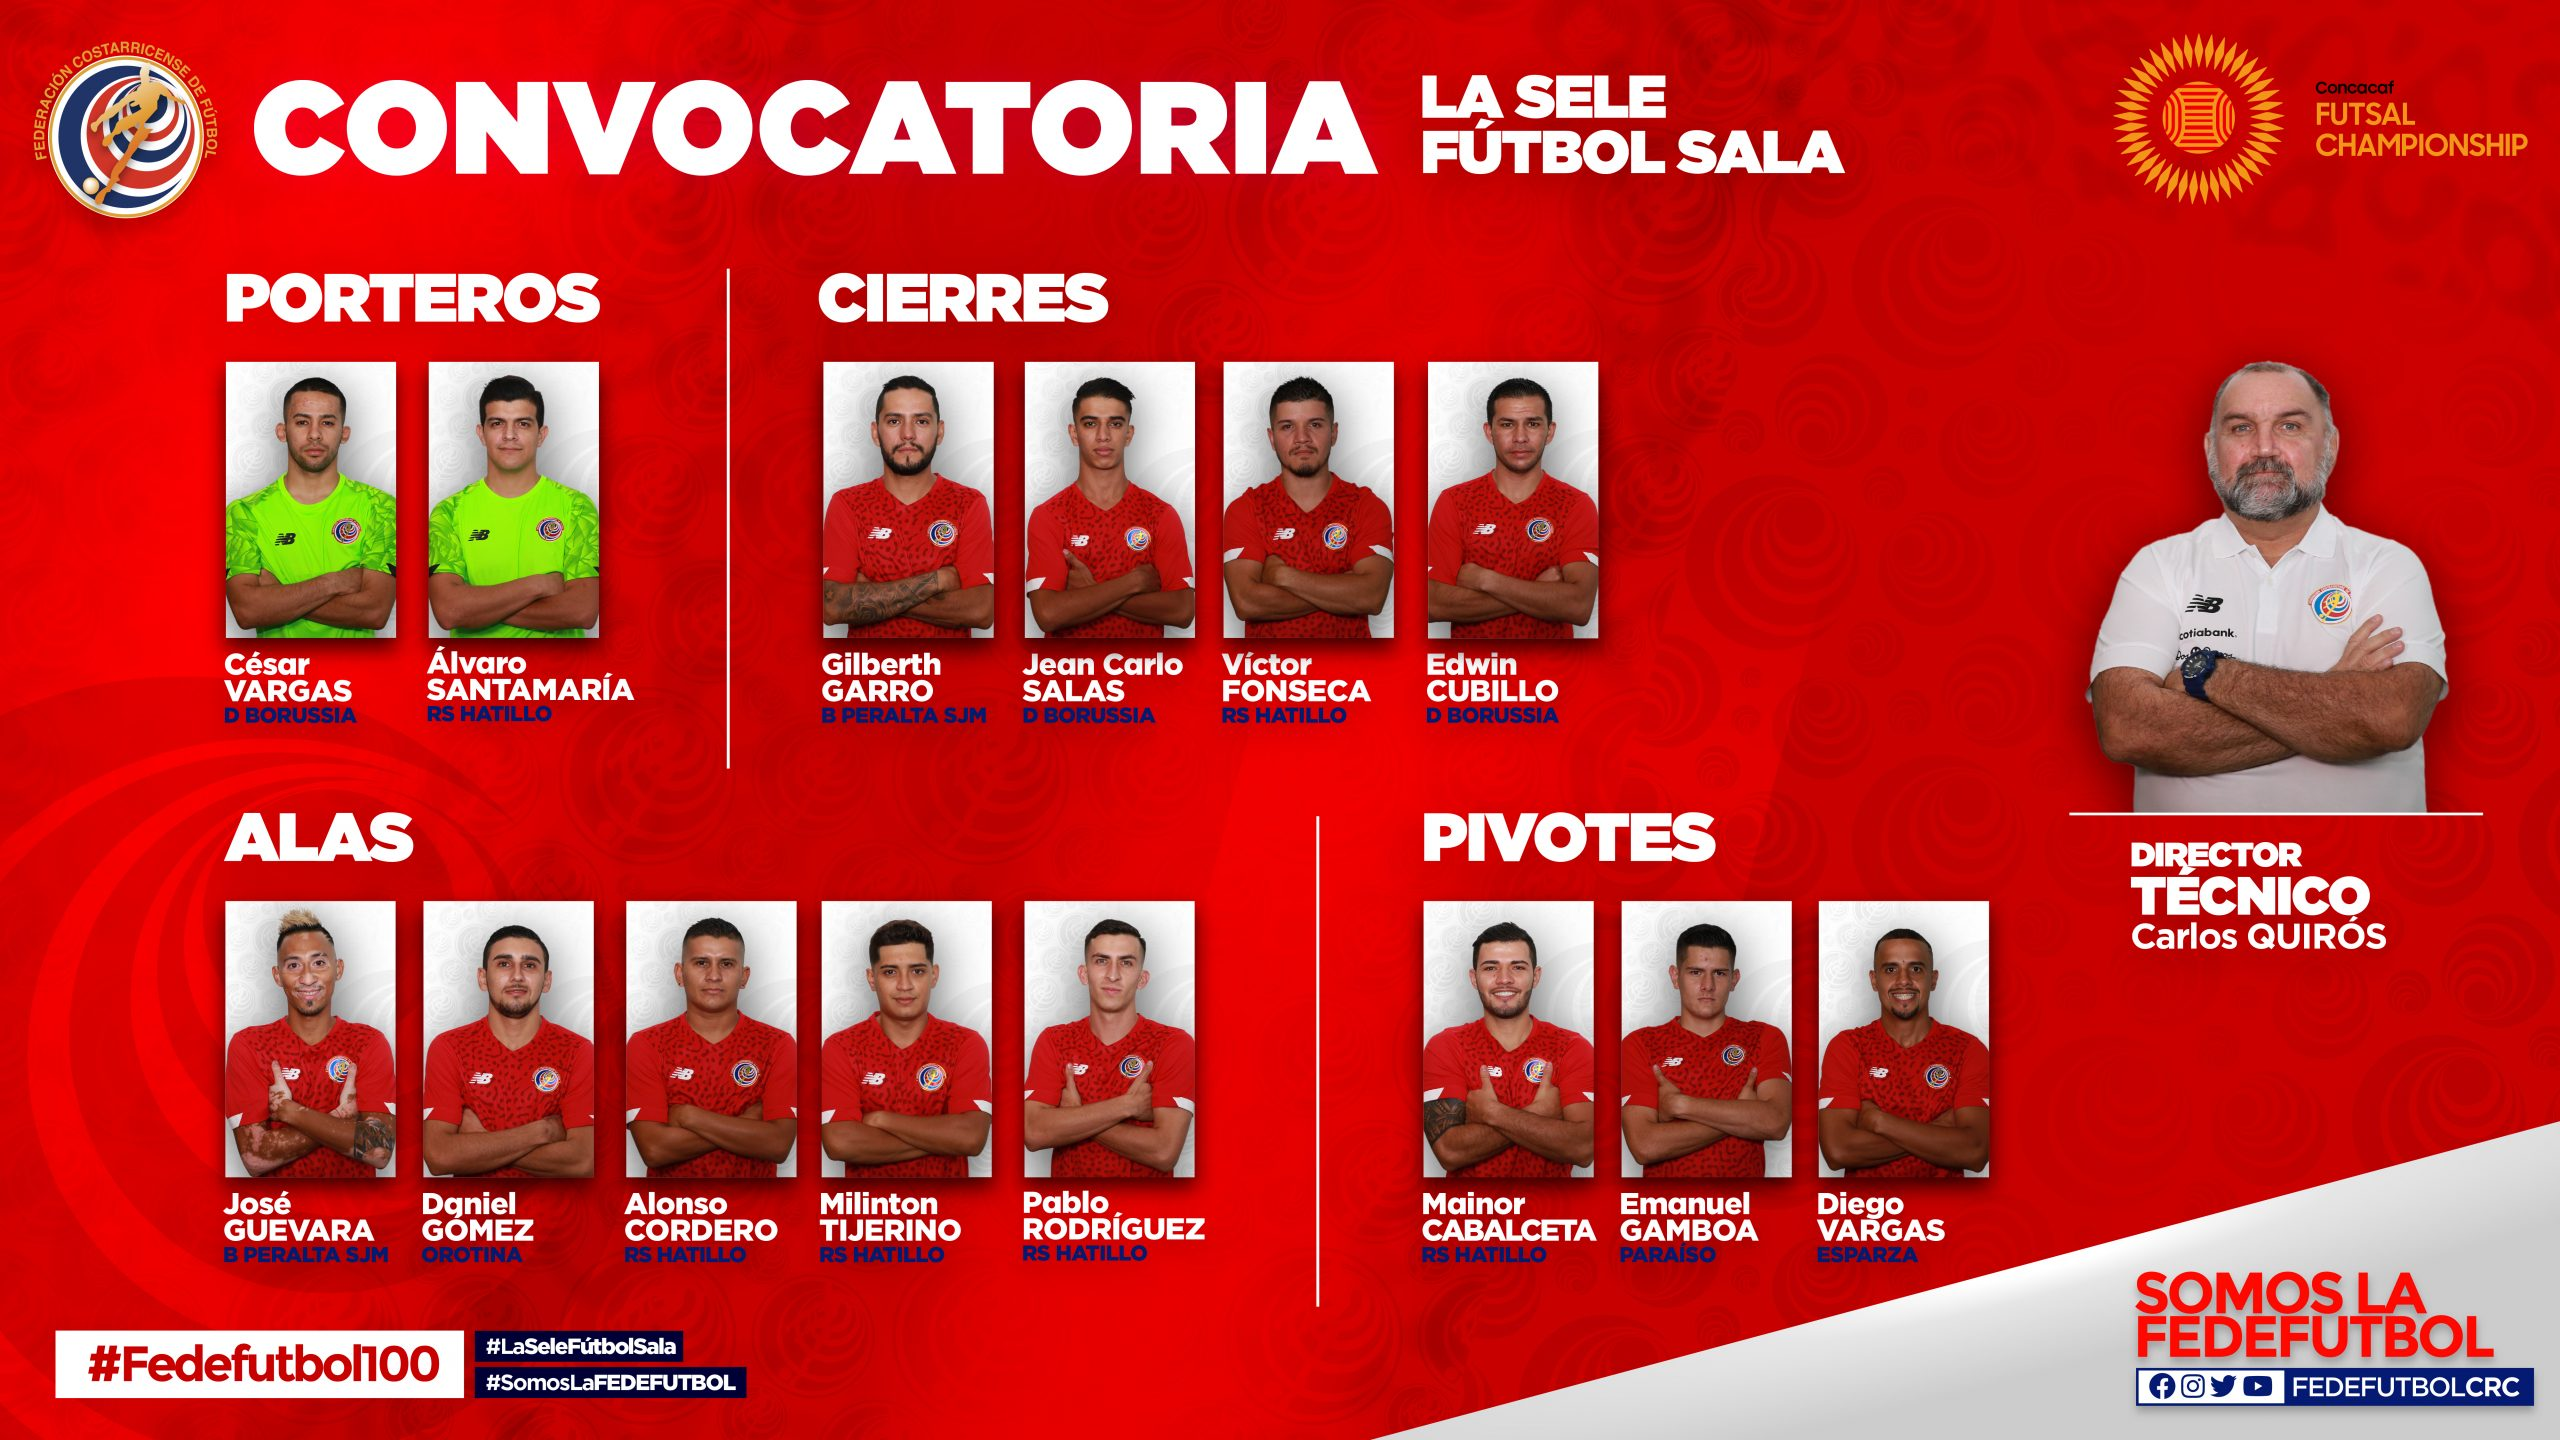 La Selección de Fútbol Sala definió a sus convocados para el Premundial.